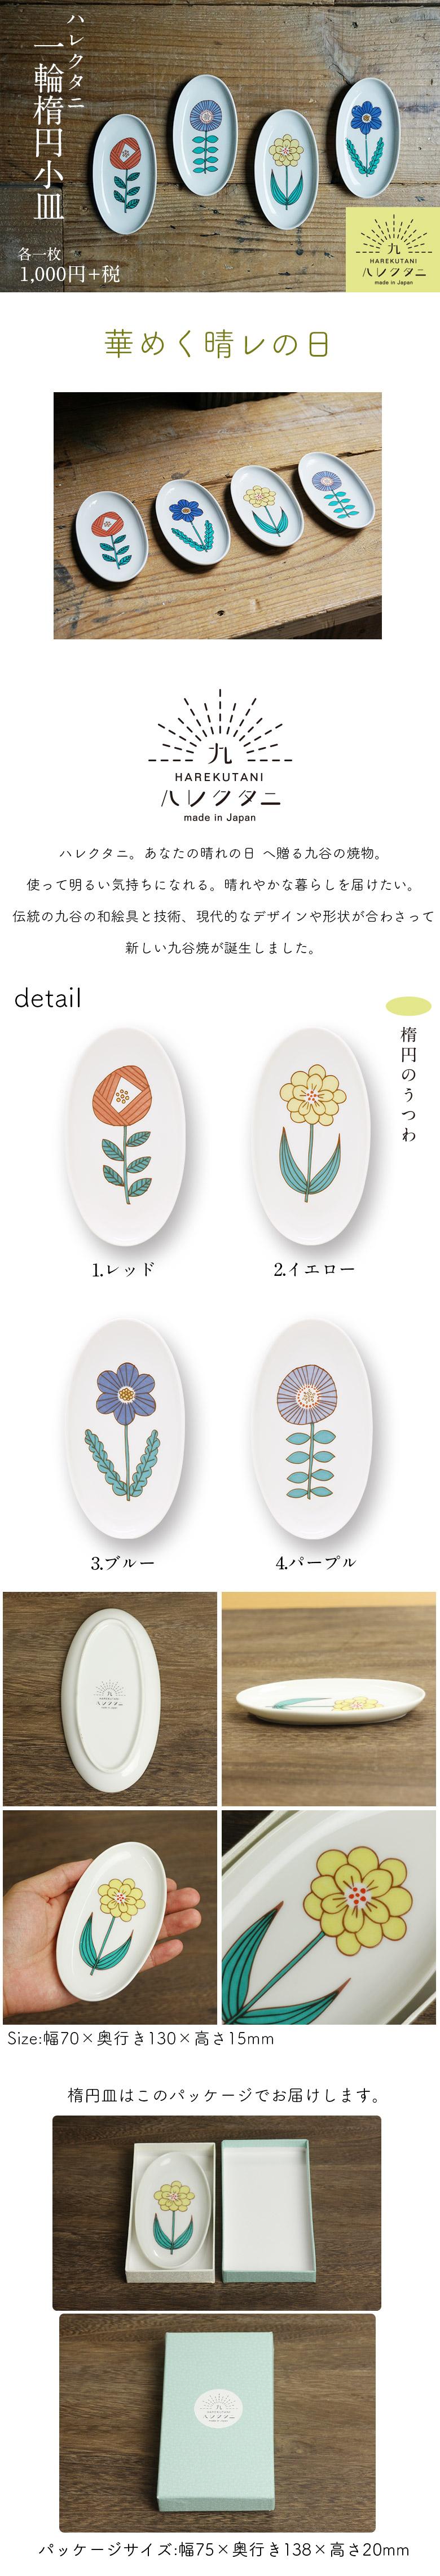 【九谷焼】一輪楕円皿S/ハレクタニ